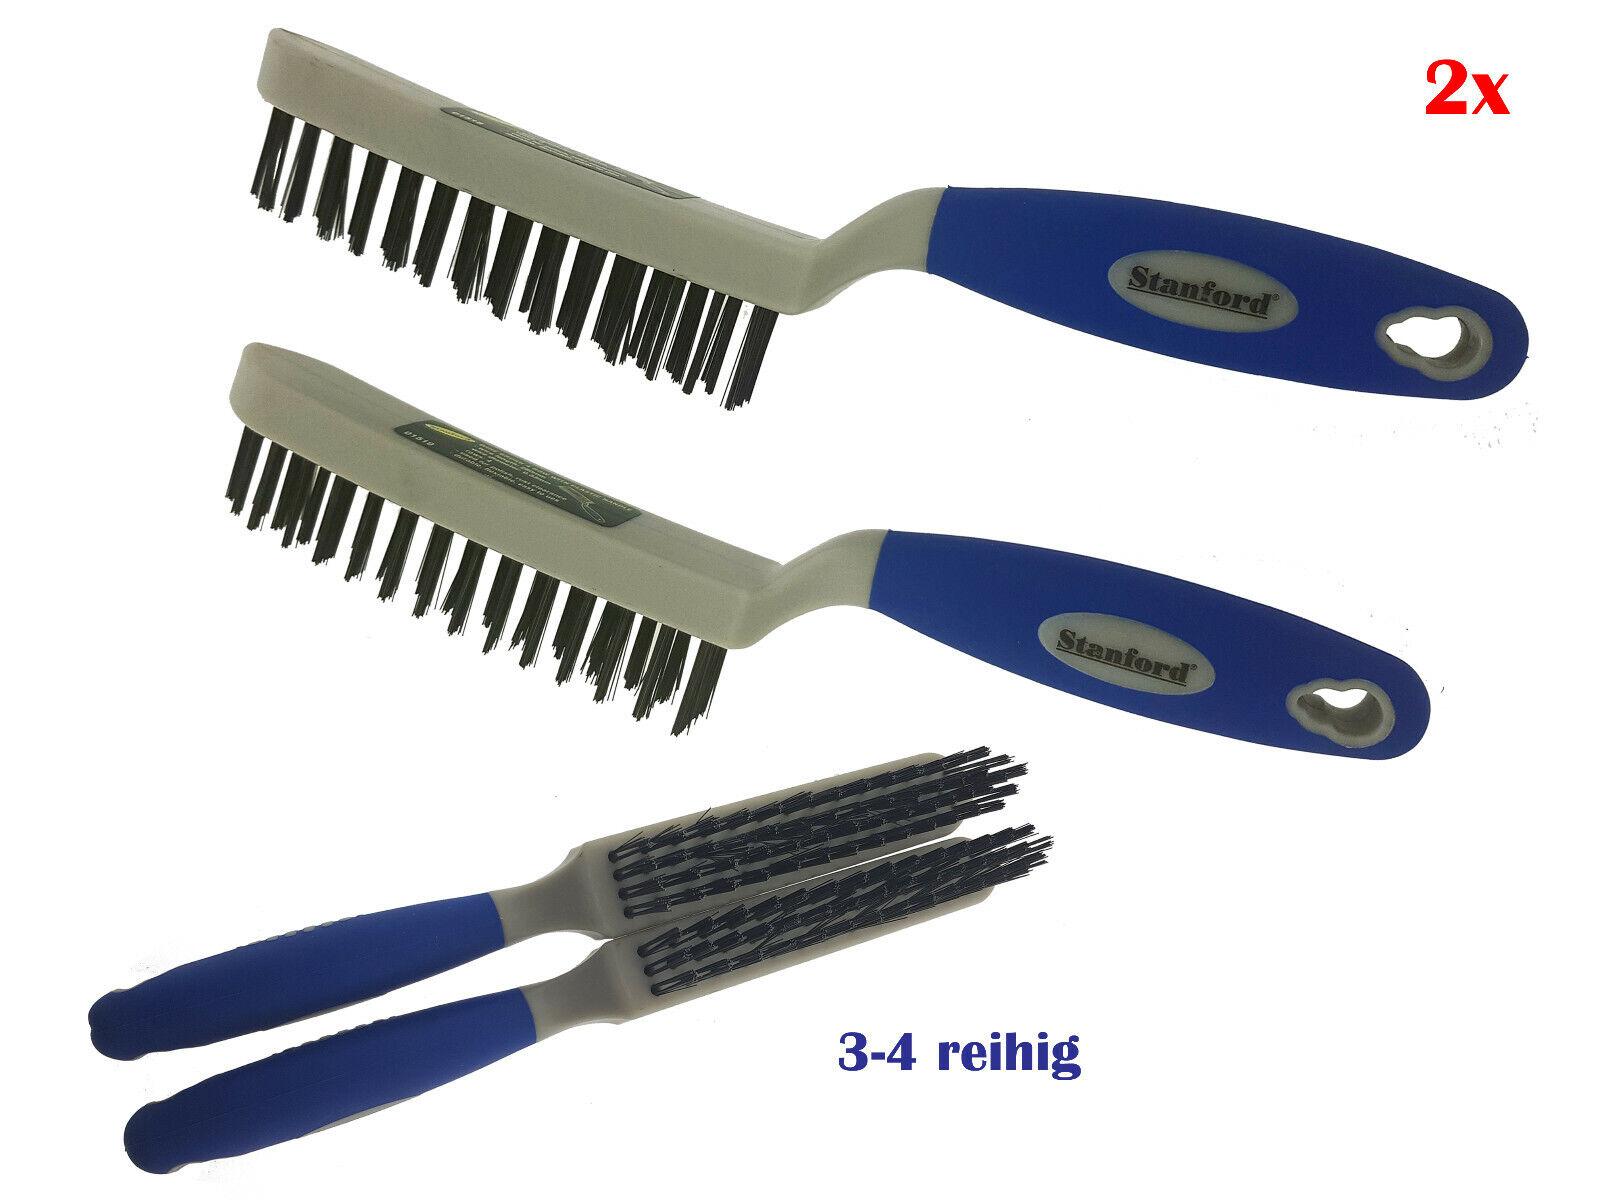 2x Drahtbürste 3-4 reihig Stahlbesen Stahlbürste Handbürste Bremsenbürste Bürste